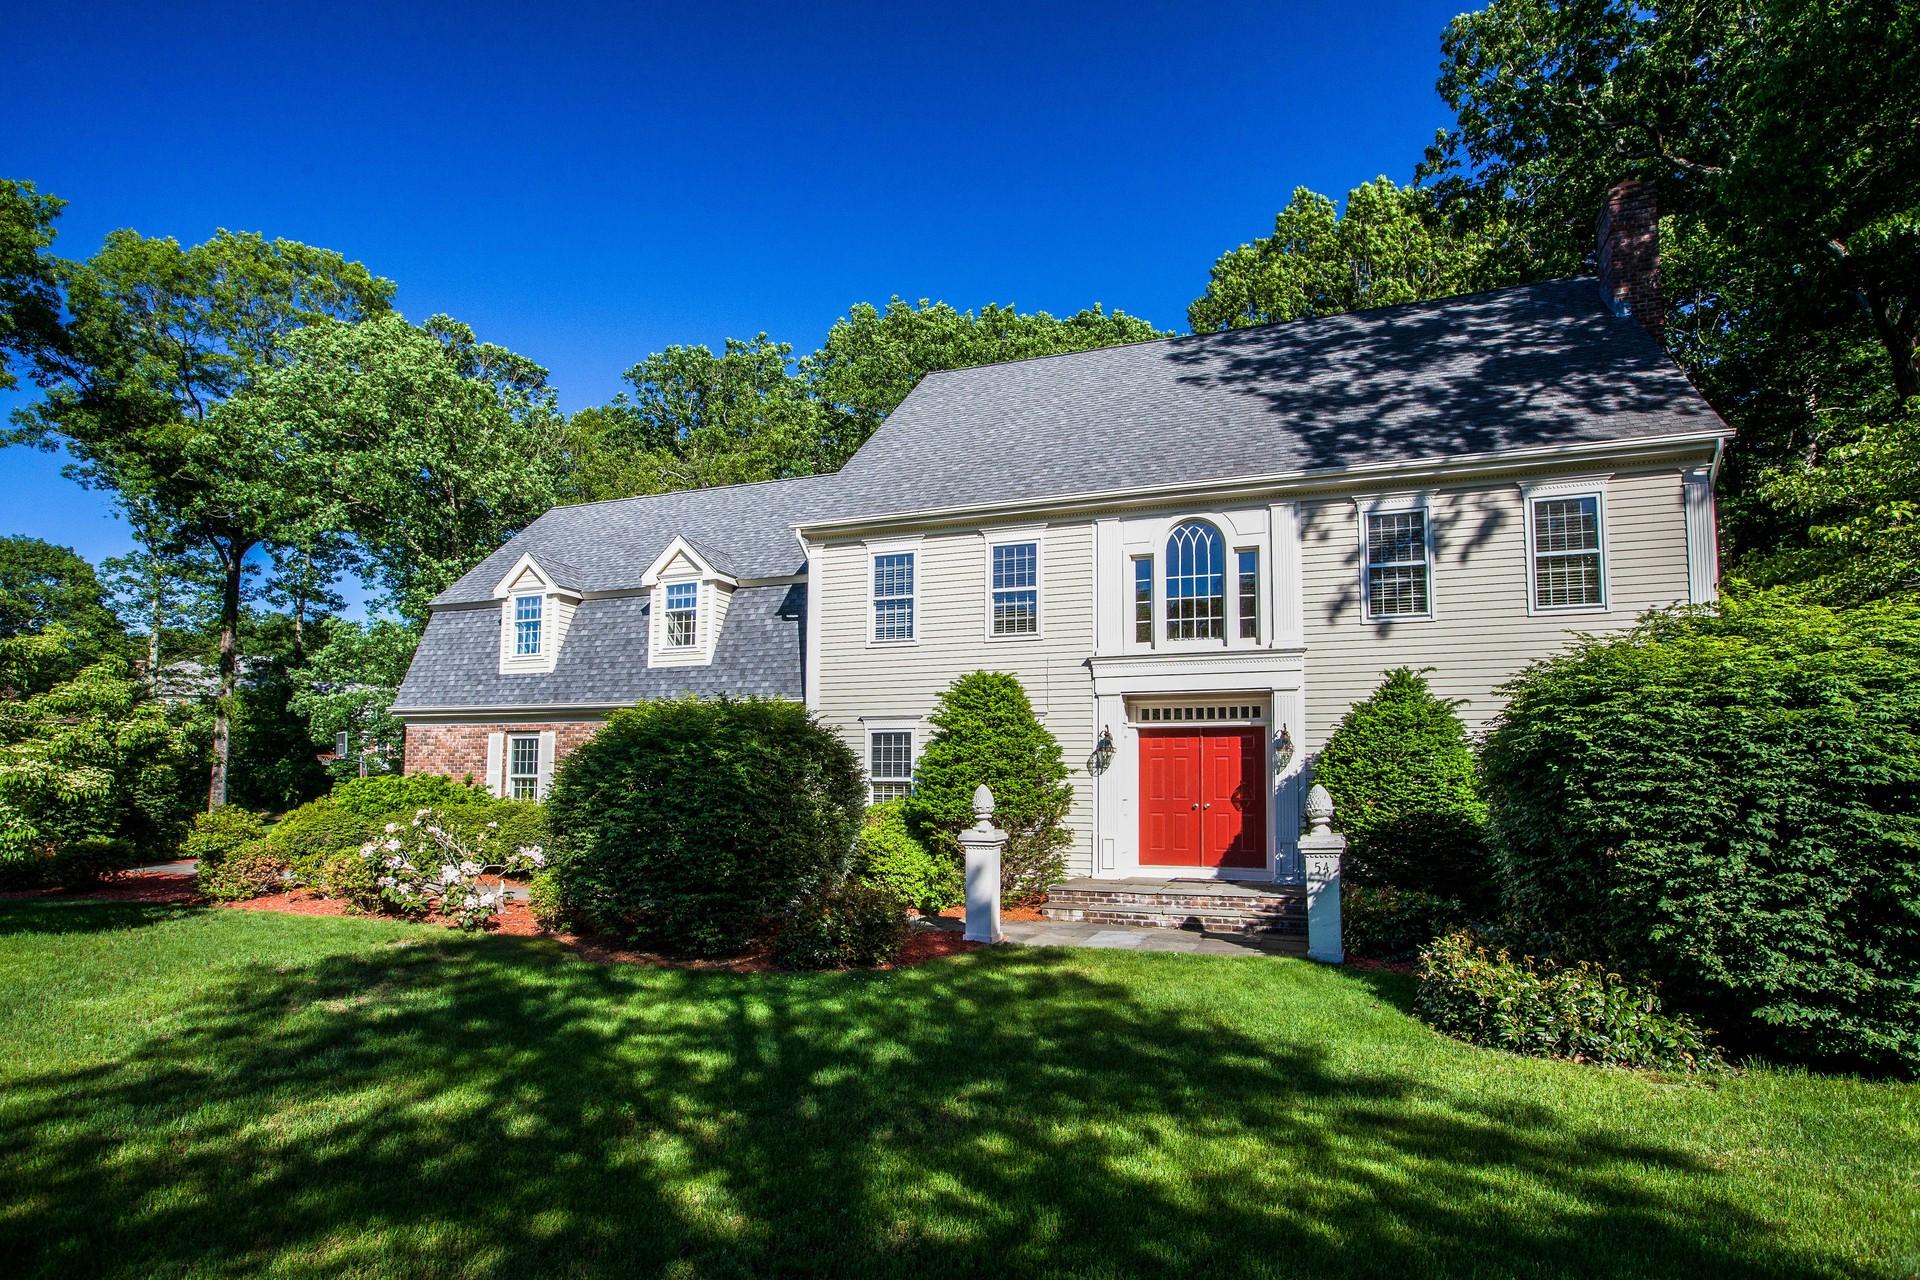 Casa Unifamiliar por un Venta en 54 Field Brook Rd Madison, Connecticut, 06443 Estados Unidos